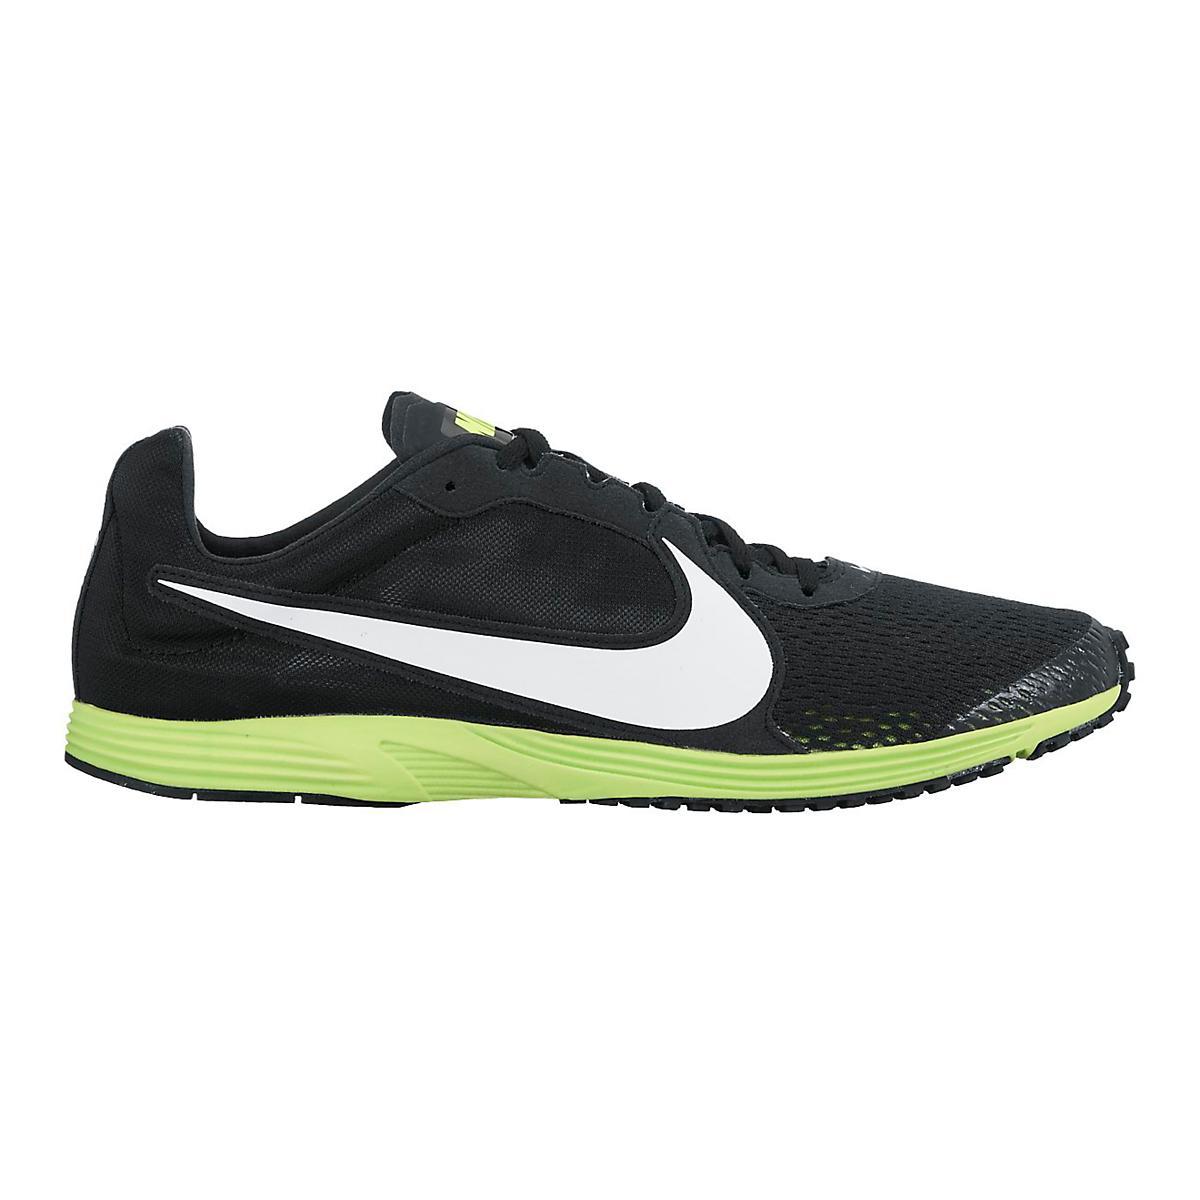 Nike Zoom Streak  Racing Shoes